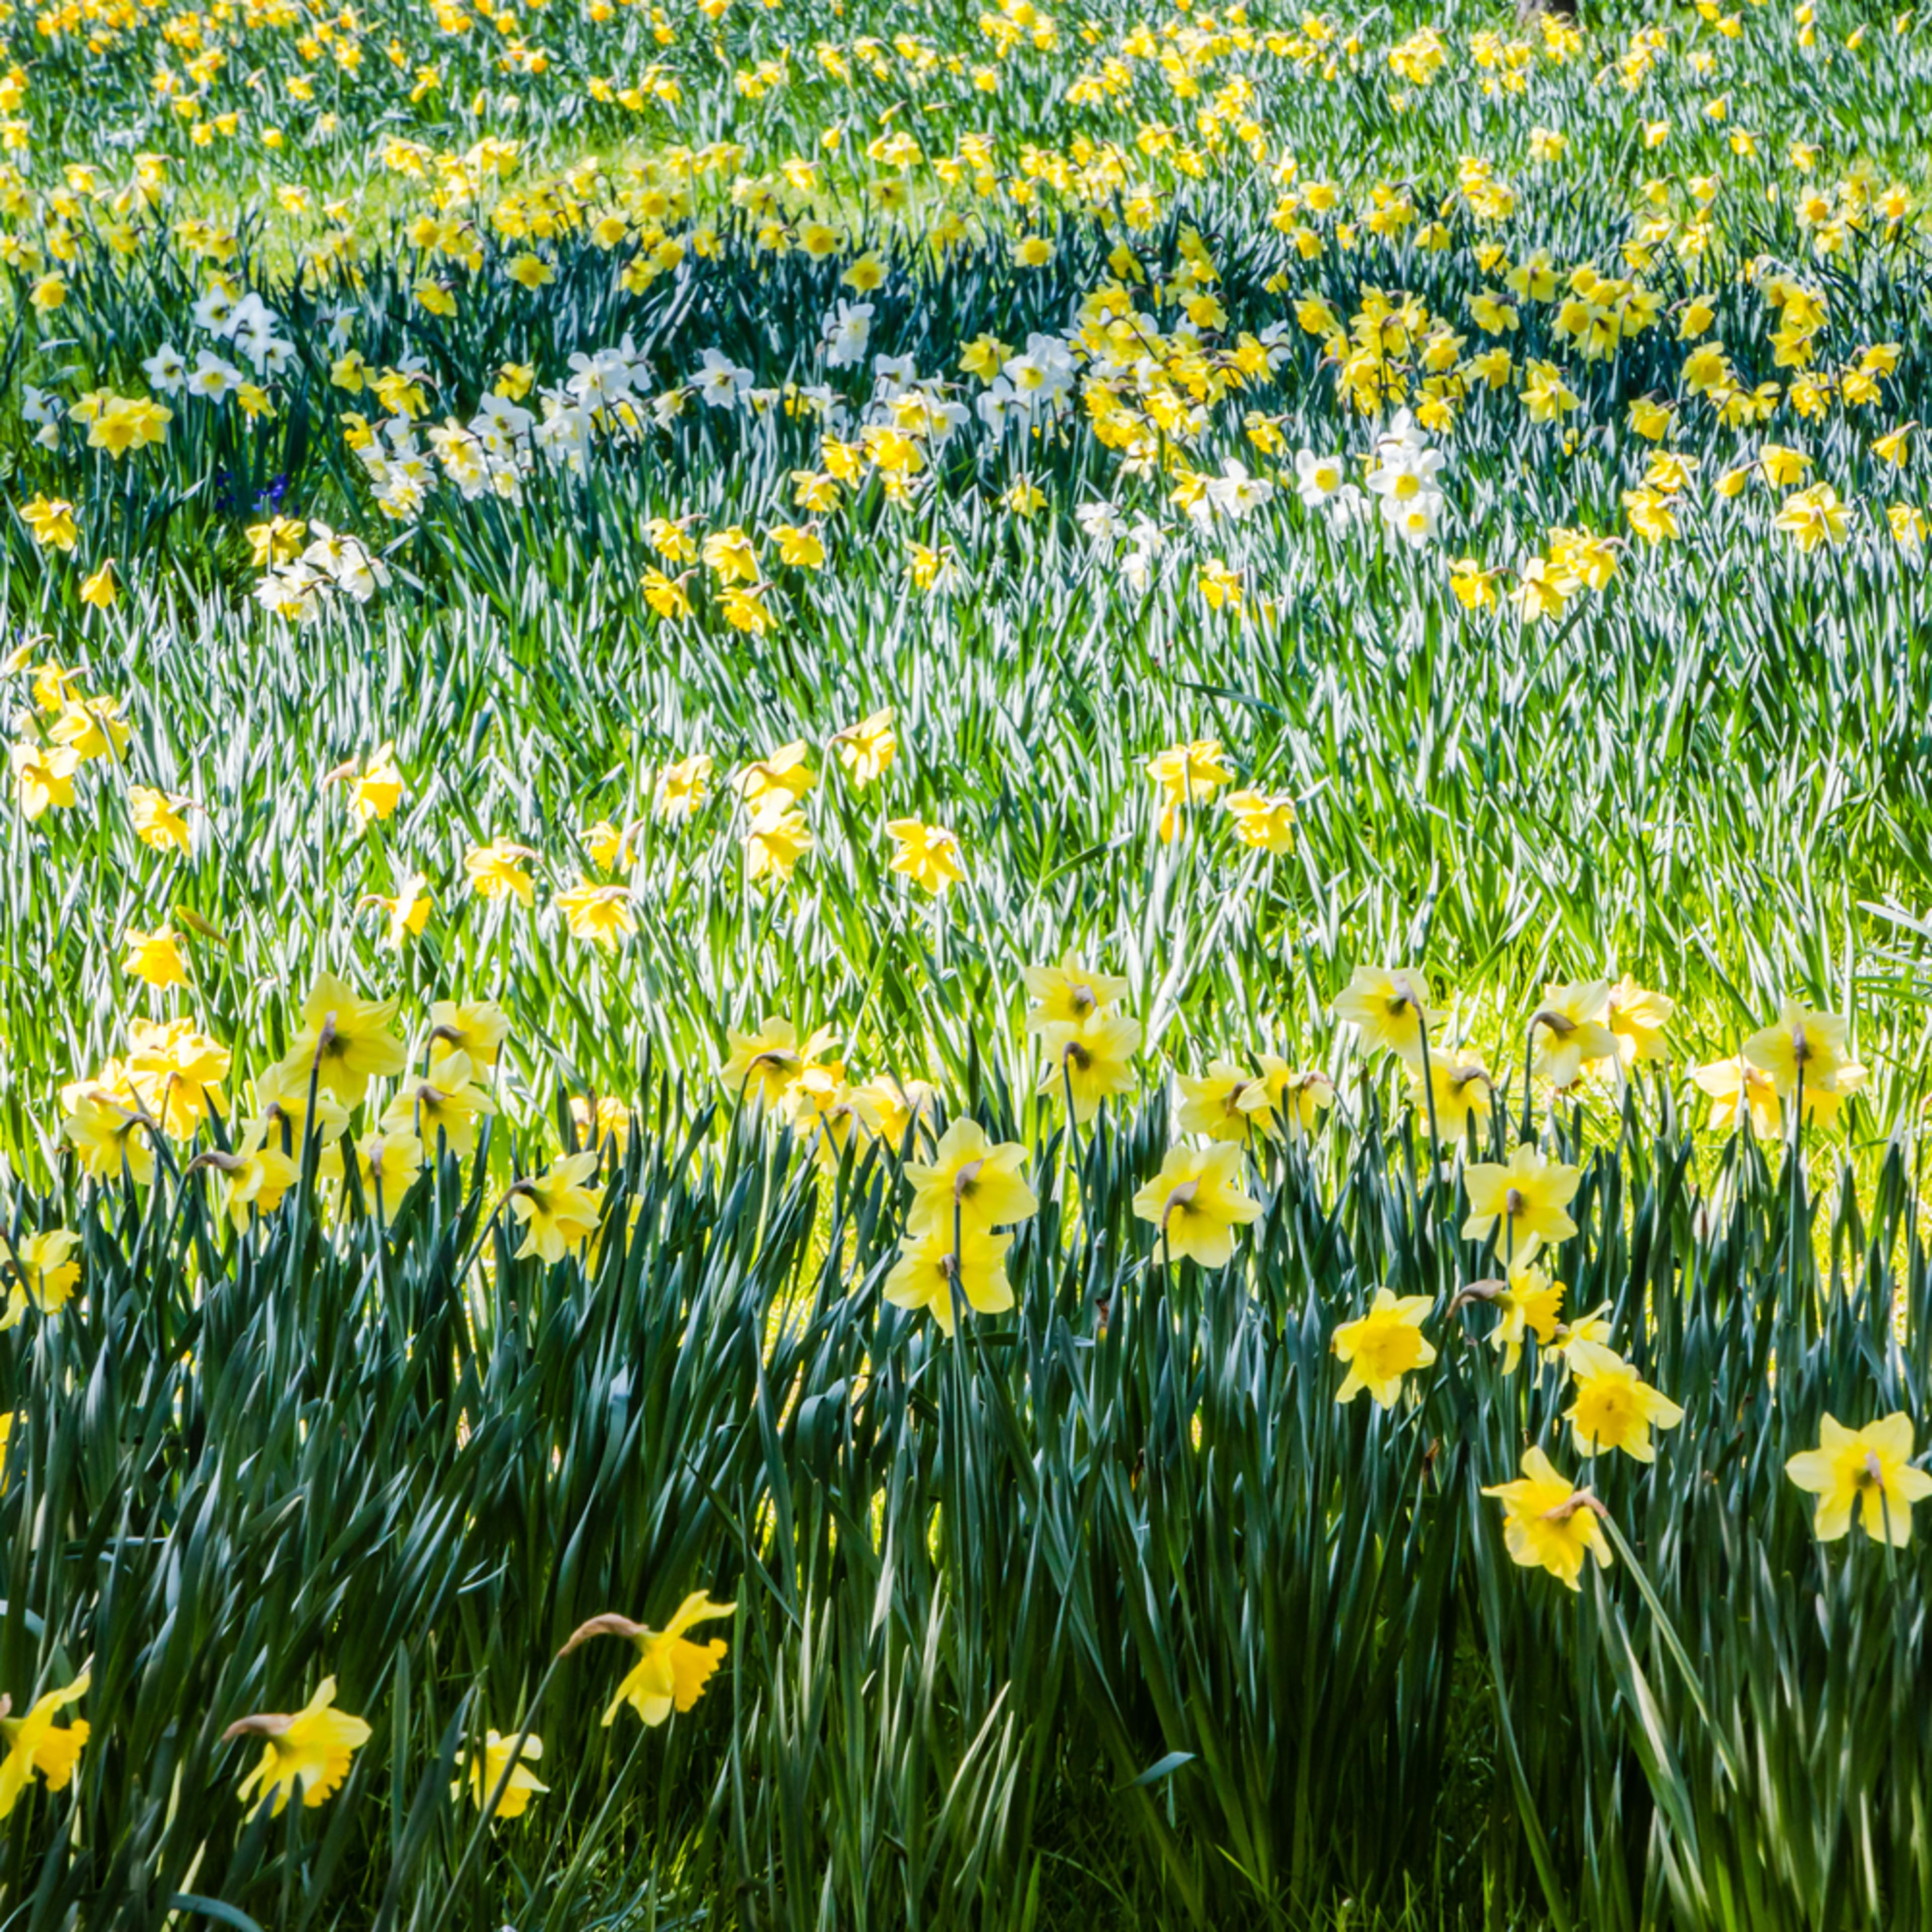 Daffodills qo6tix